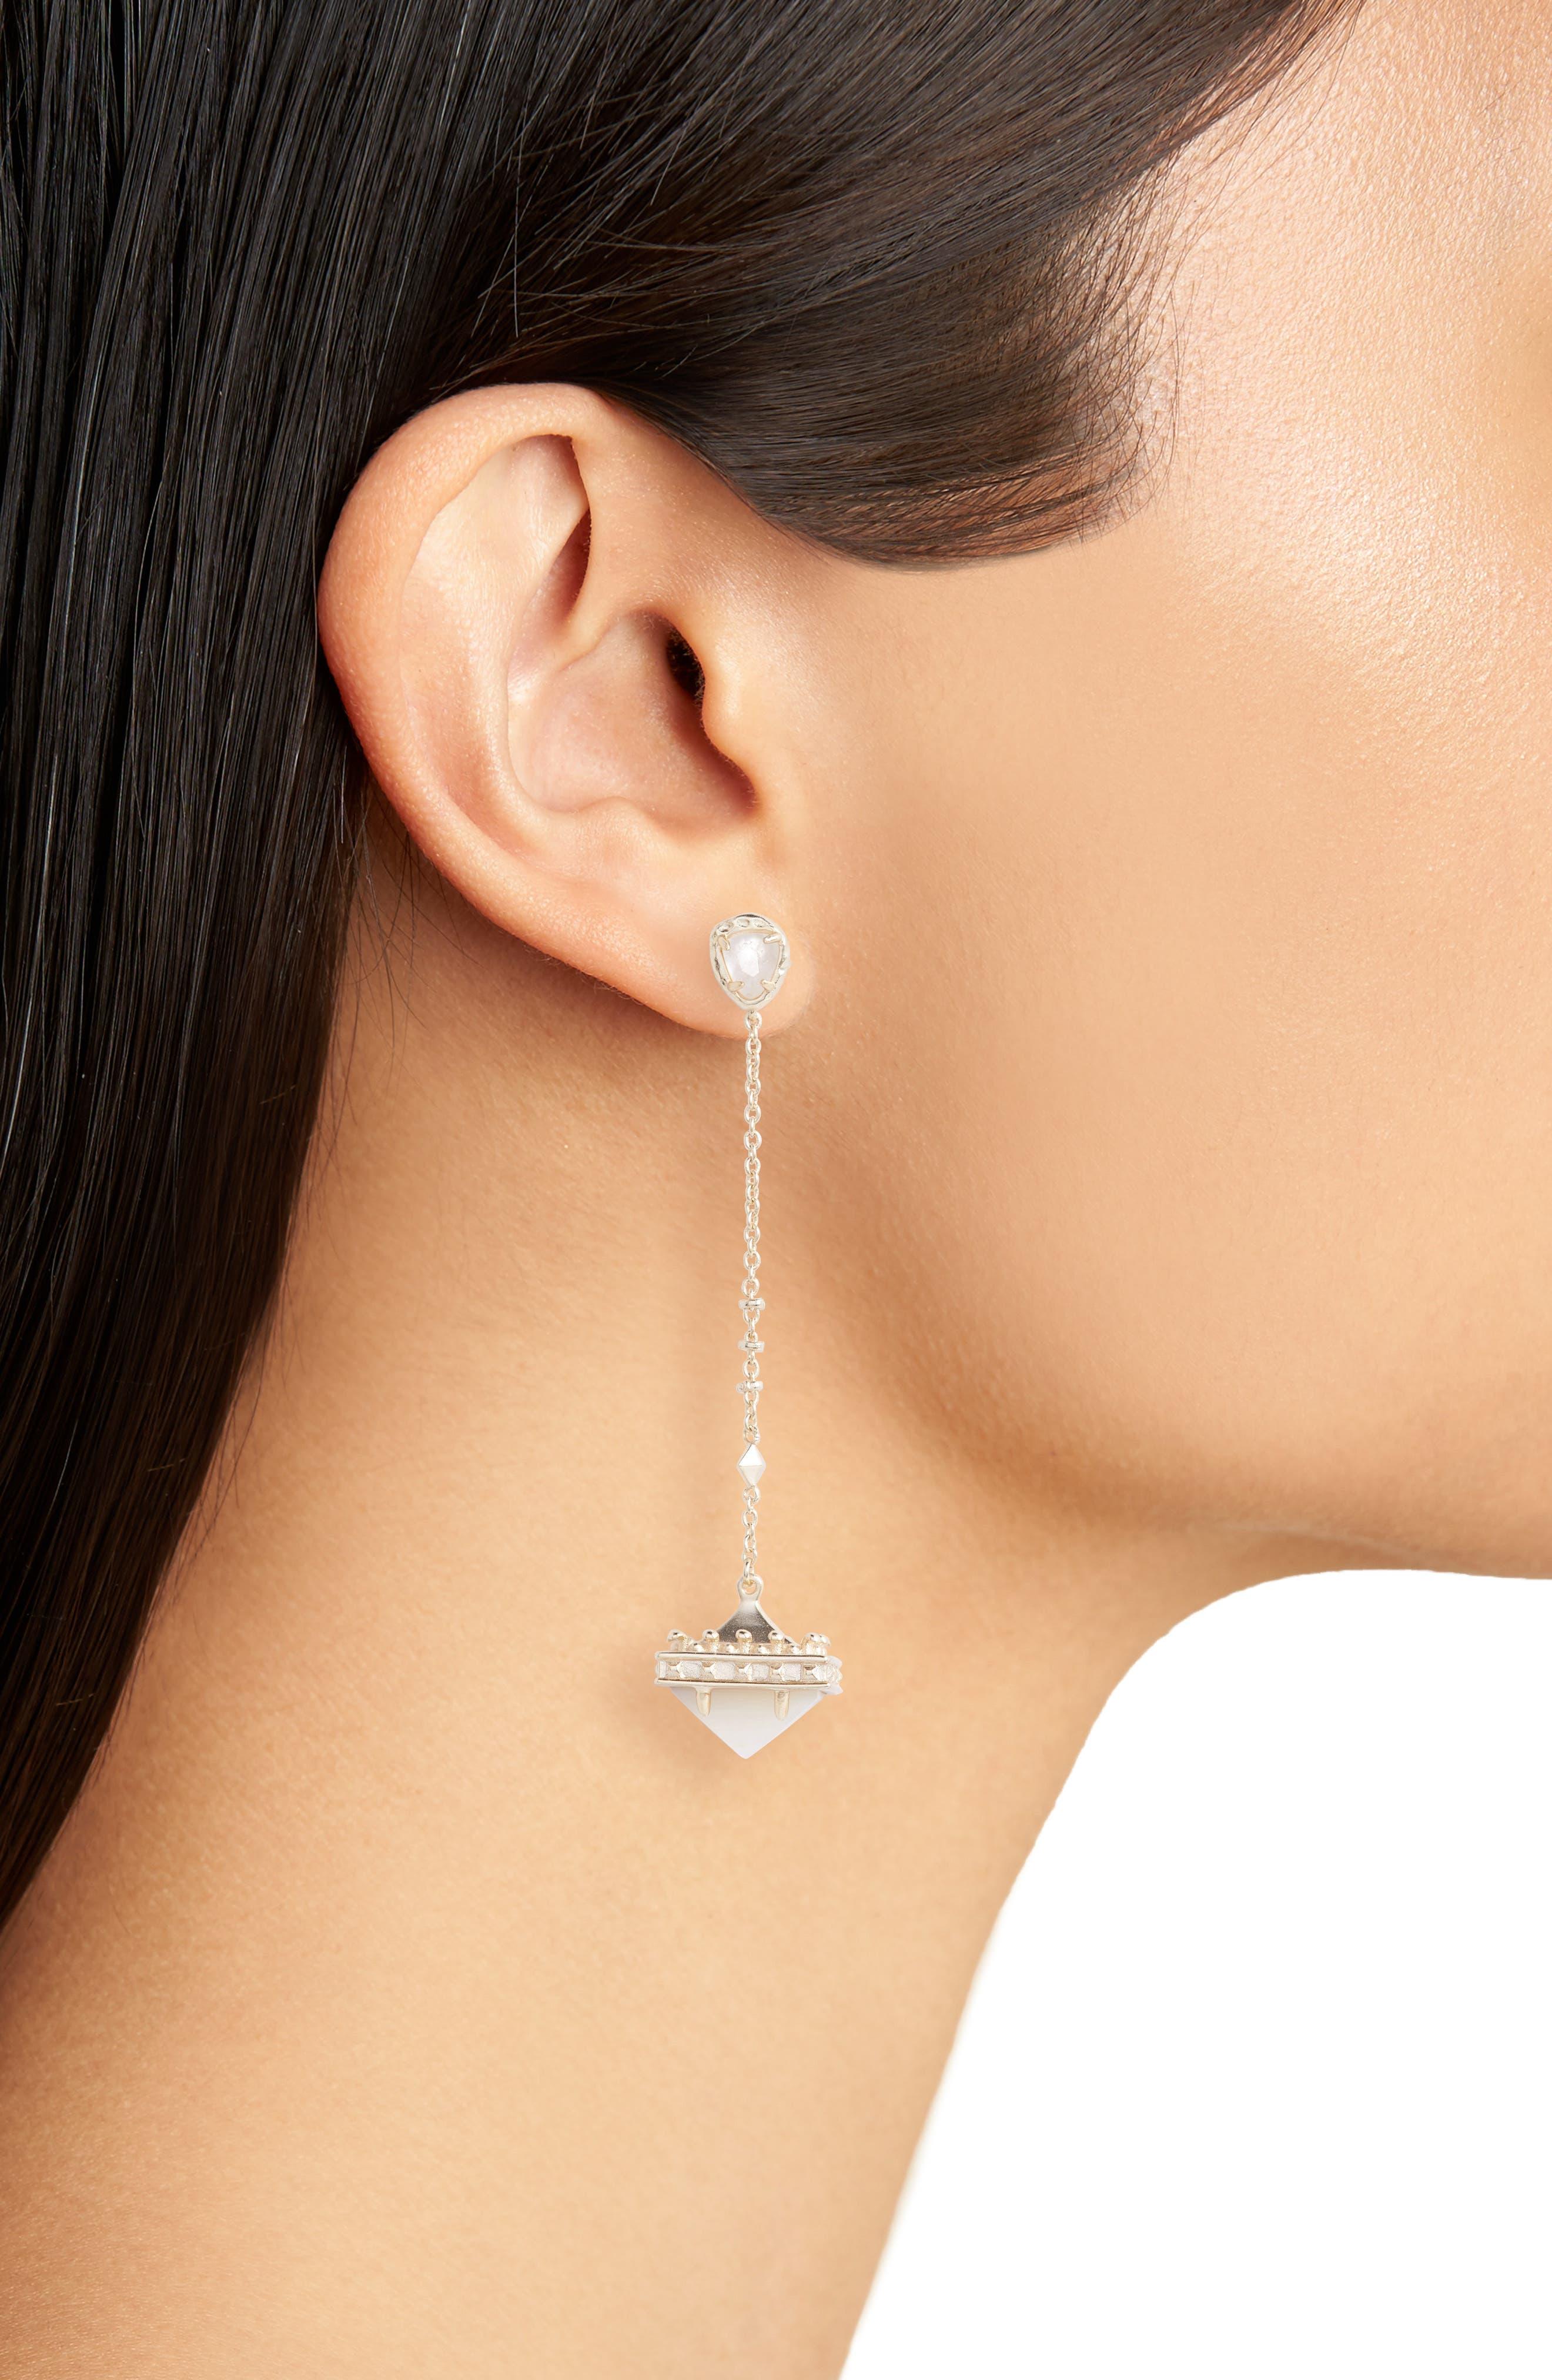 GiGi Linear Earrings,                             Alternate thumbnail 6, color,